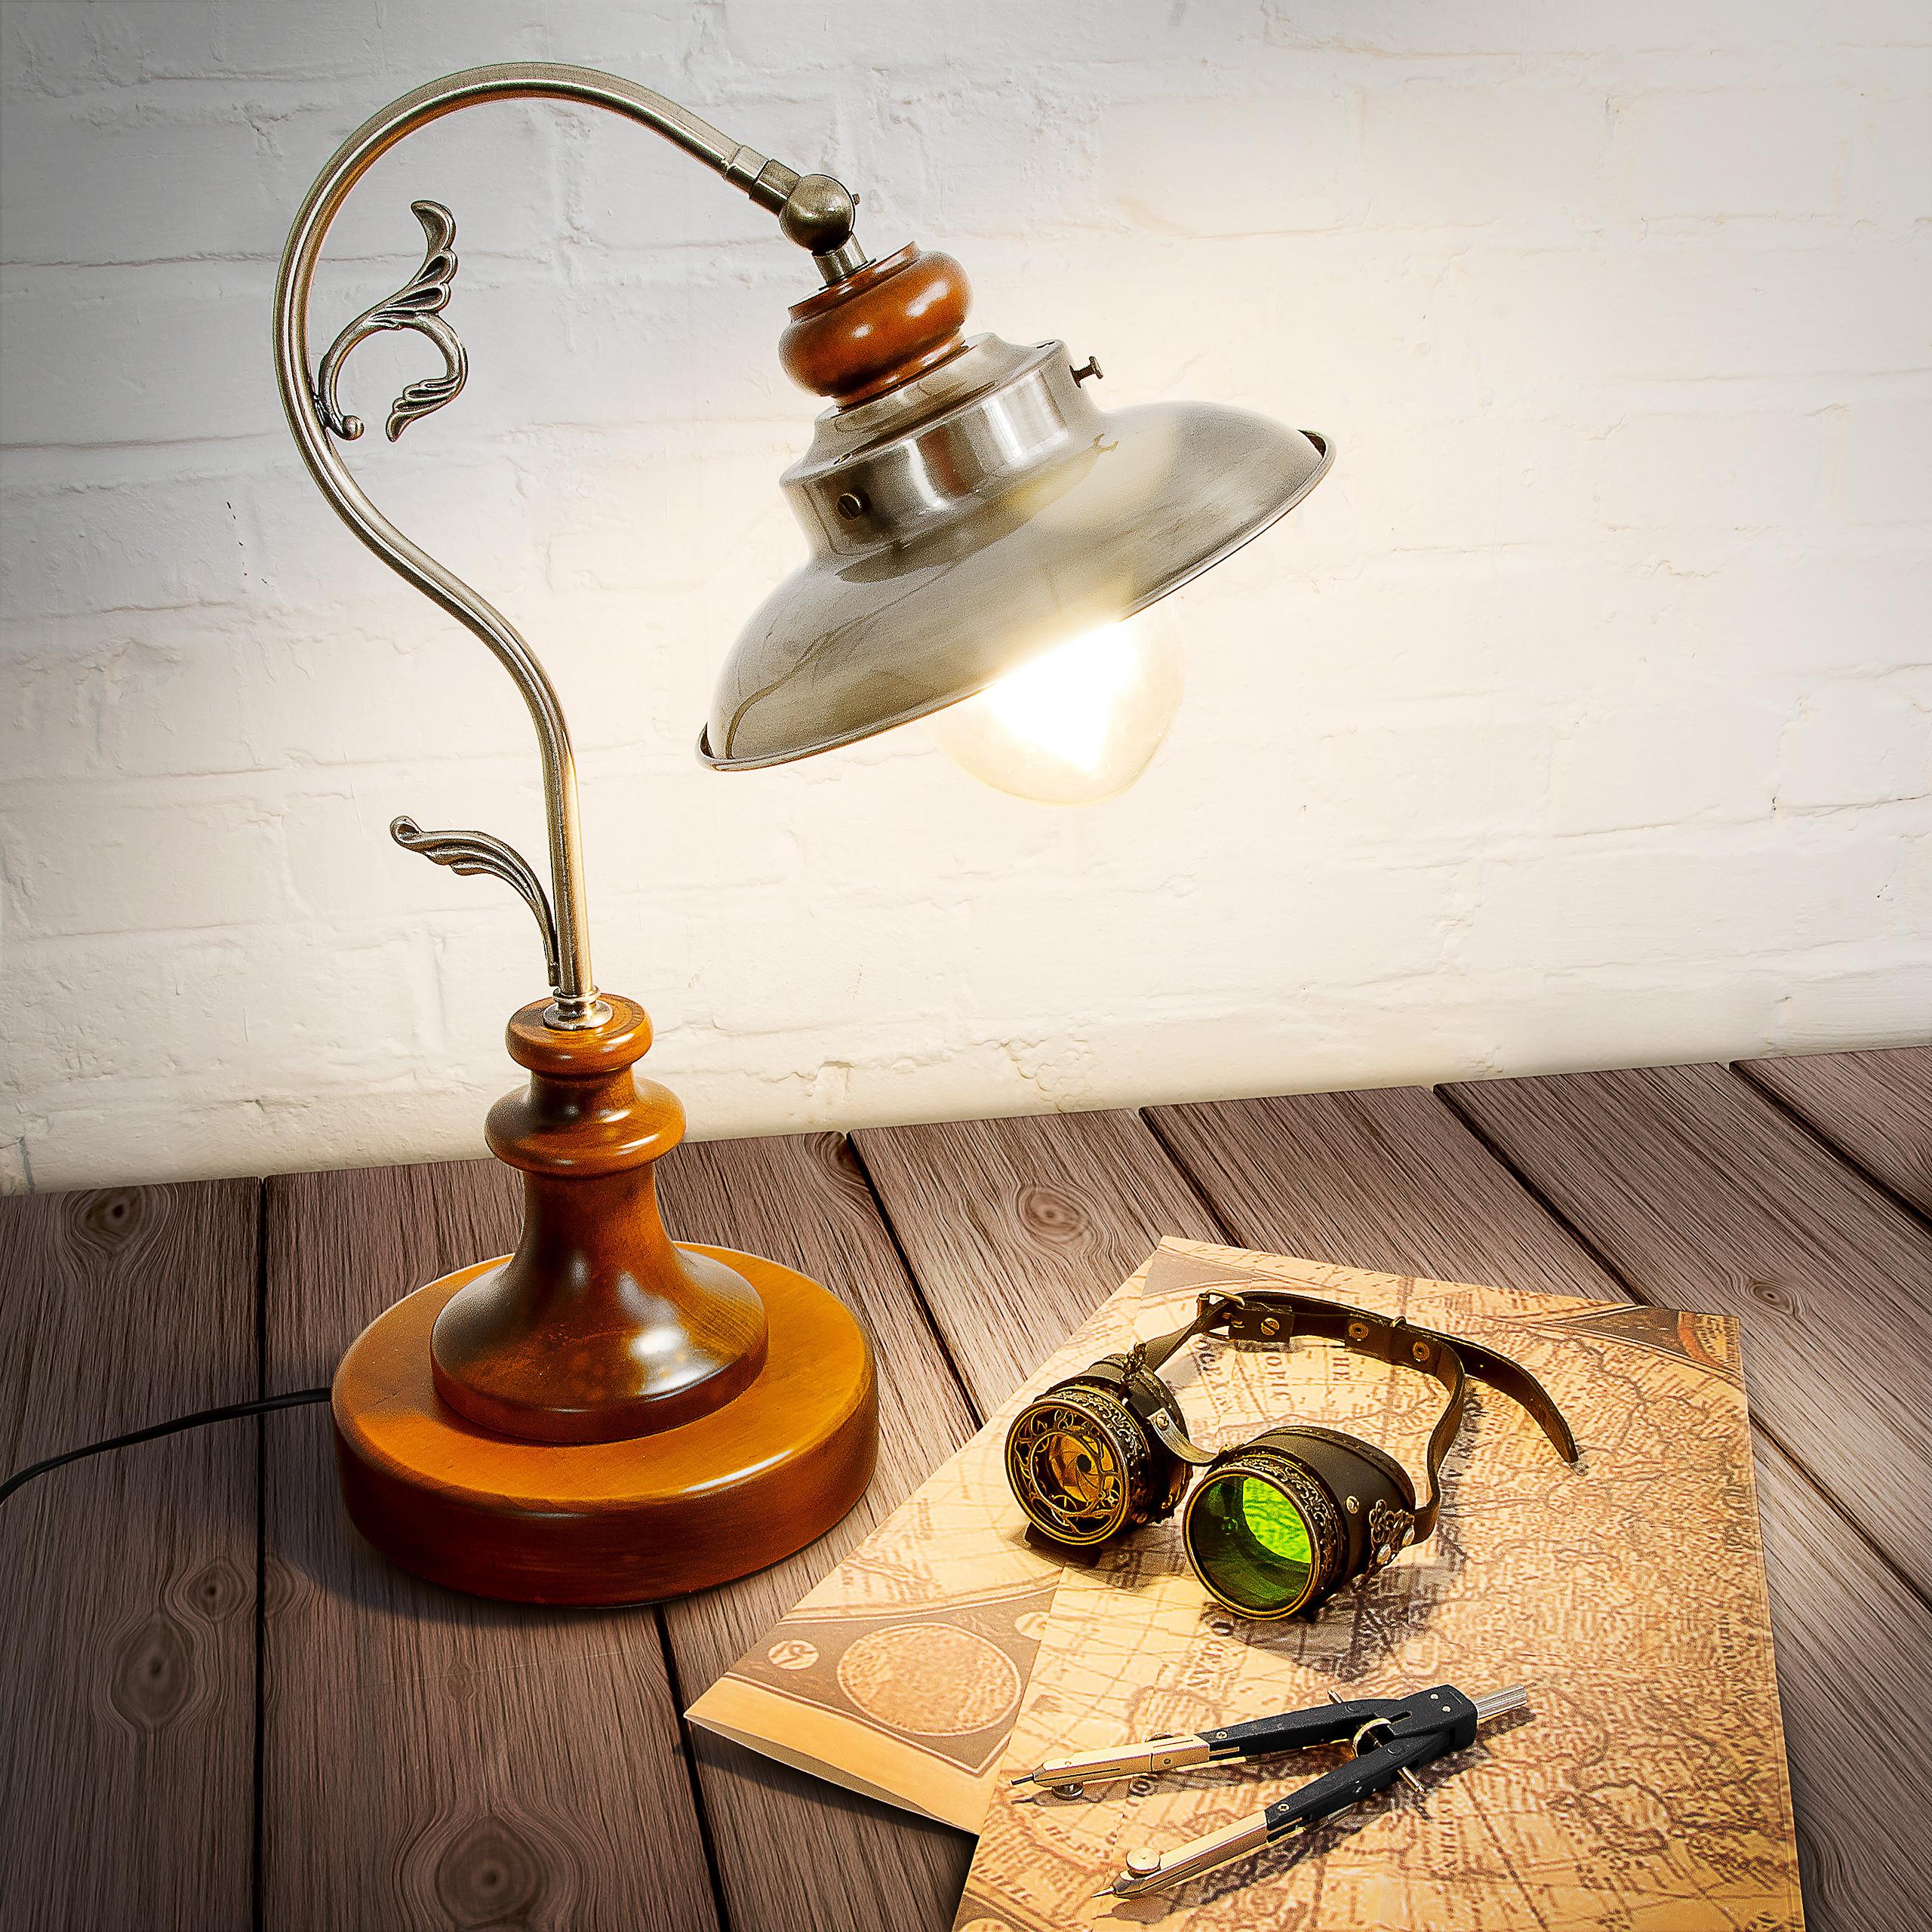 Indexbild 2 - Tischlampe Tischleuchte Schreibtischlampe Steampunk Vintage Design Retro